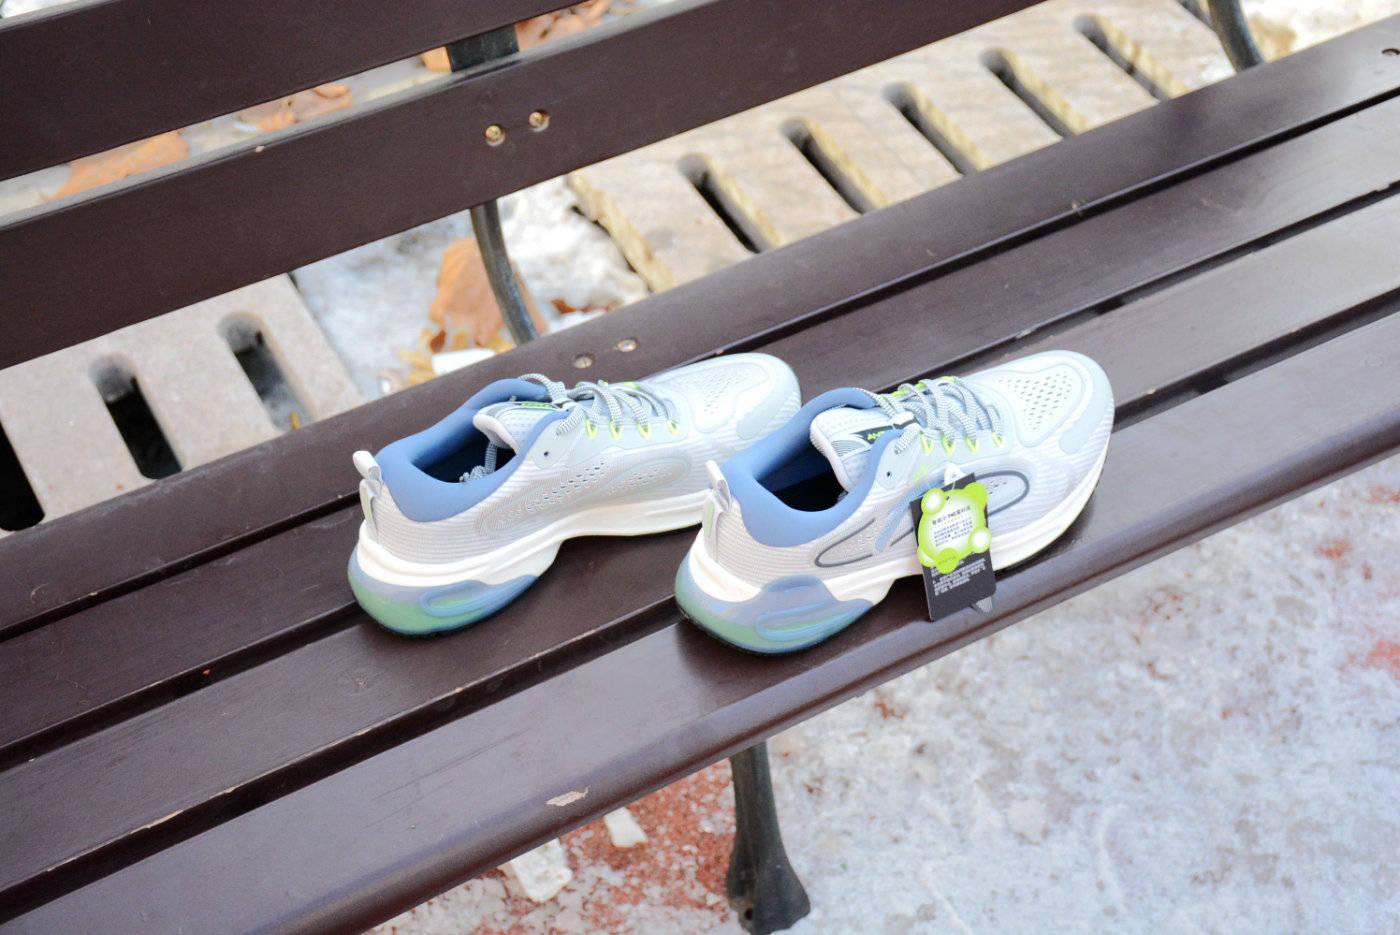 克服冬天跑步的困难?入手智能跑鞋吧:安踏联名咕咚跑步鞋评测